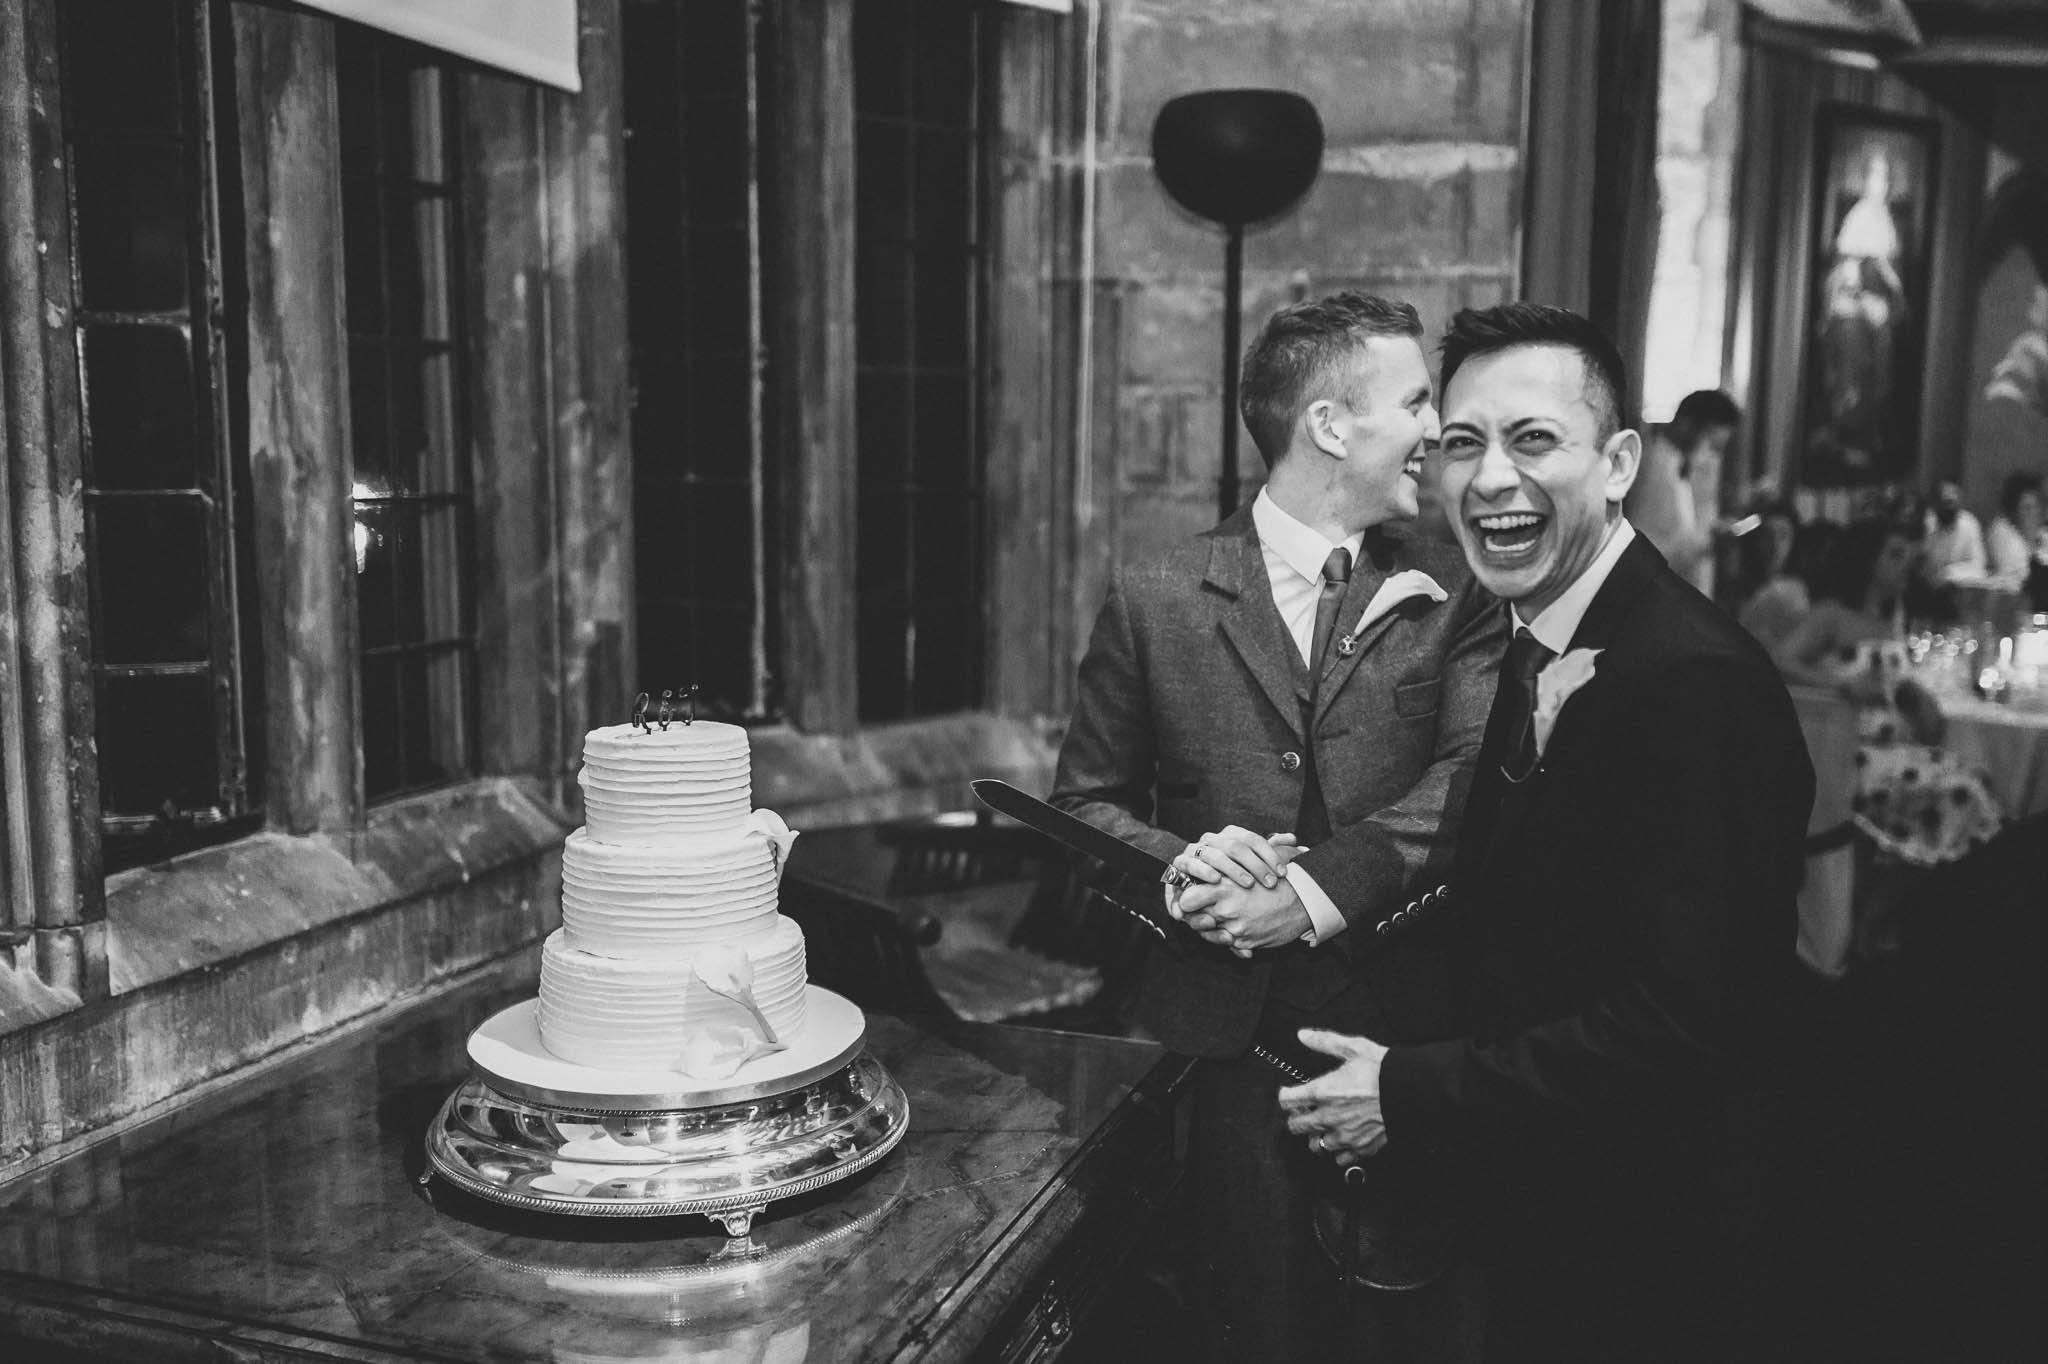 leeds-castle-wedding-photography 36.jpg